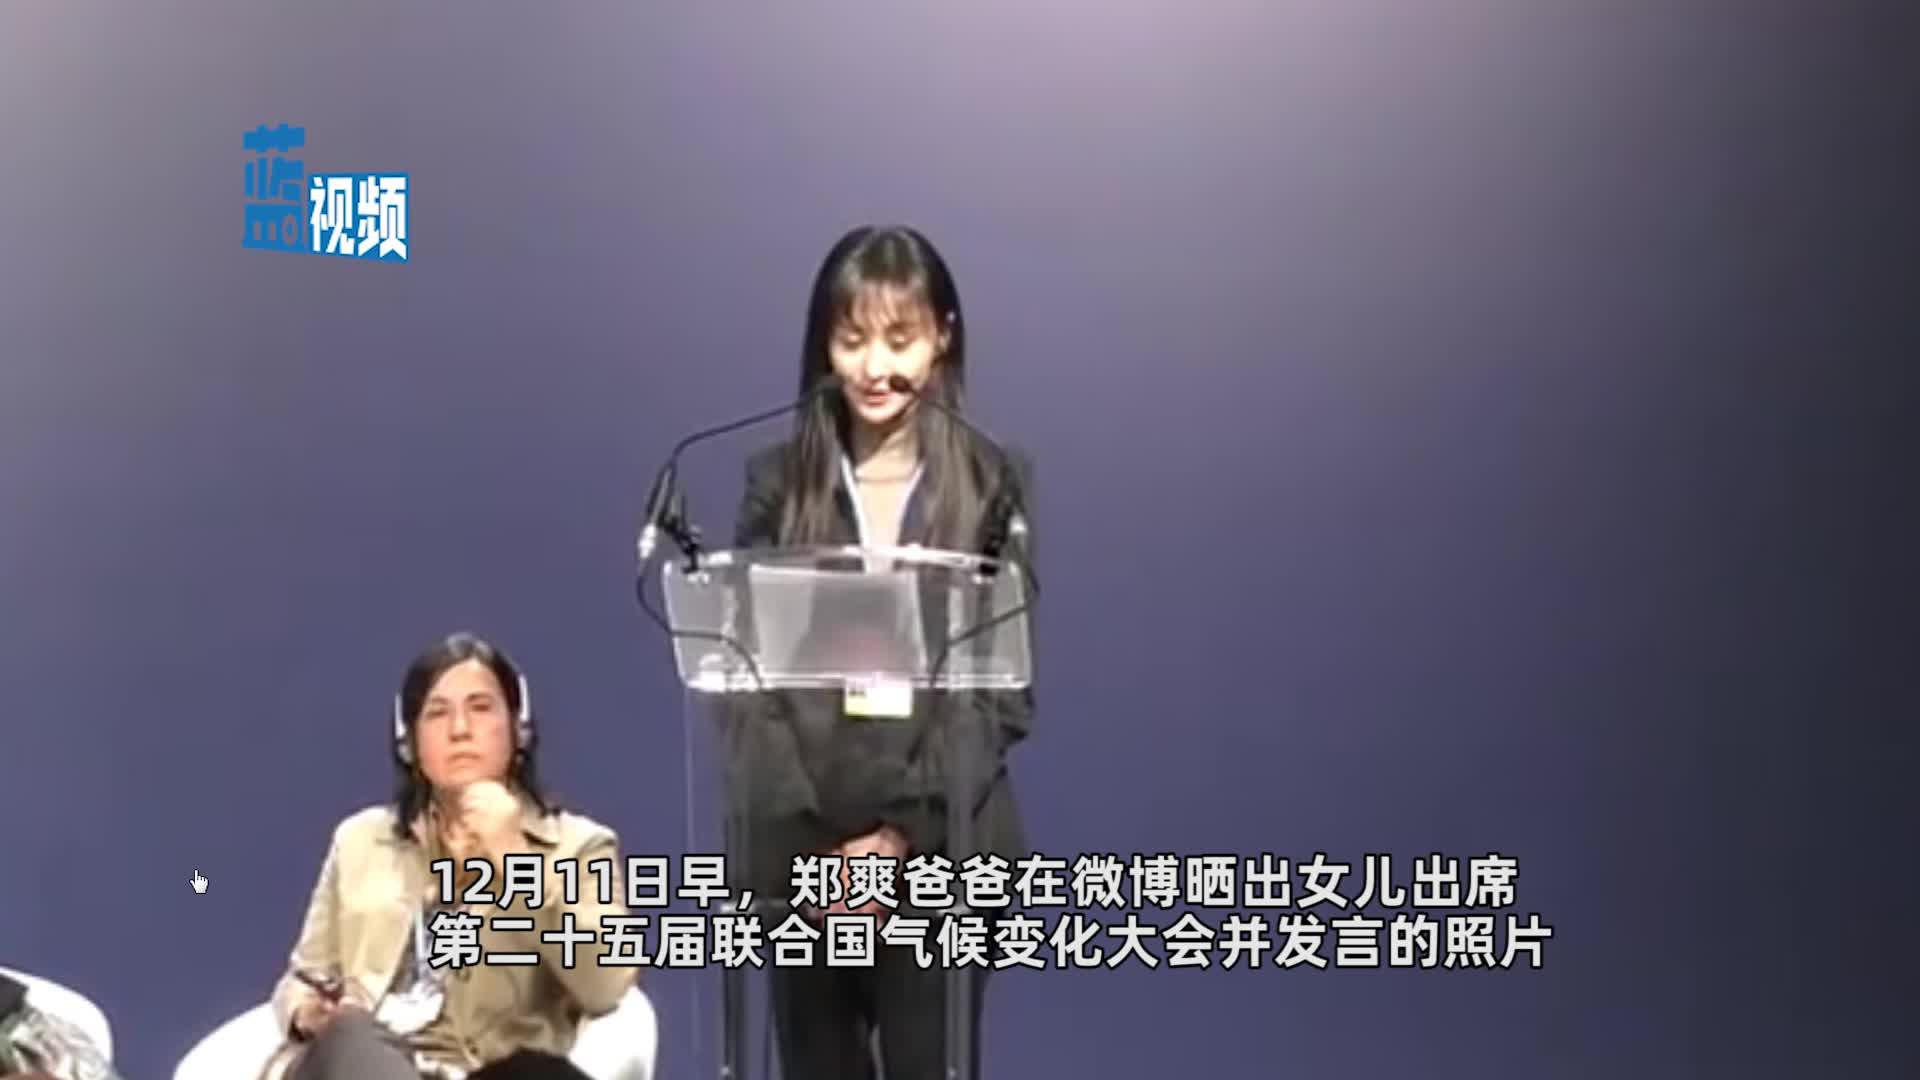 郑爽在联合国会议上谈气候变化议题 一身职业装自信发言